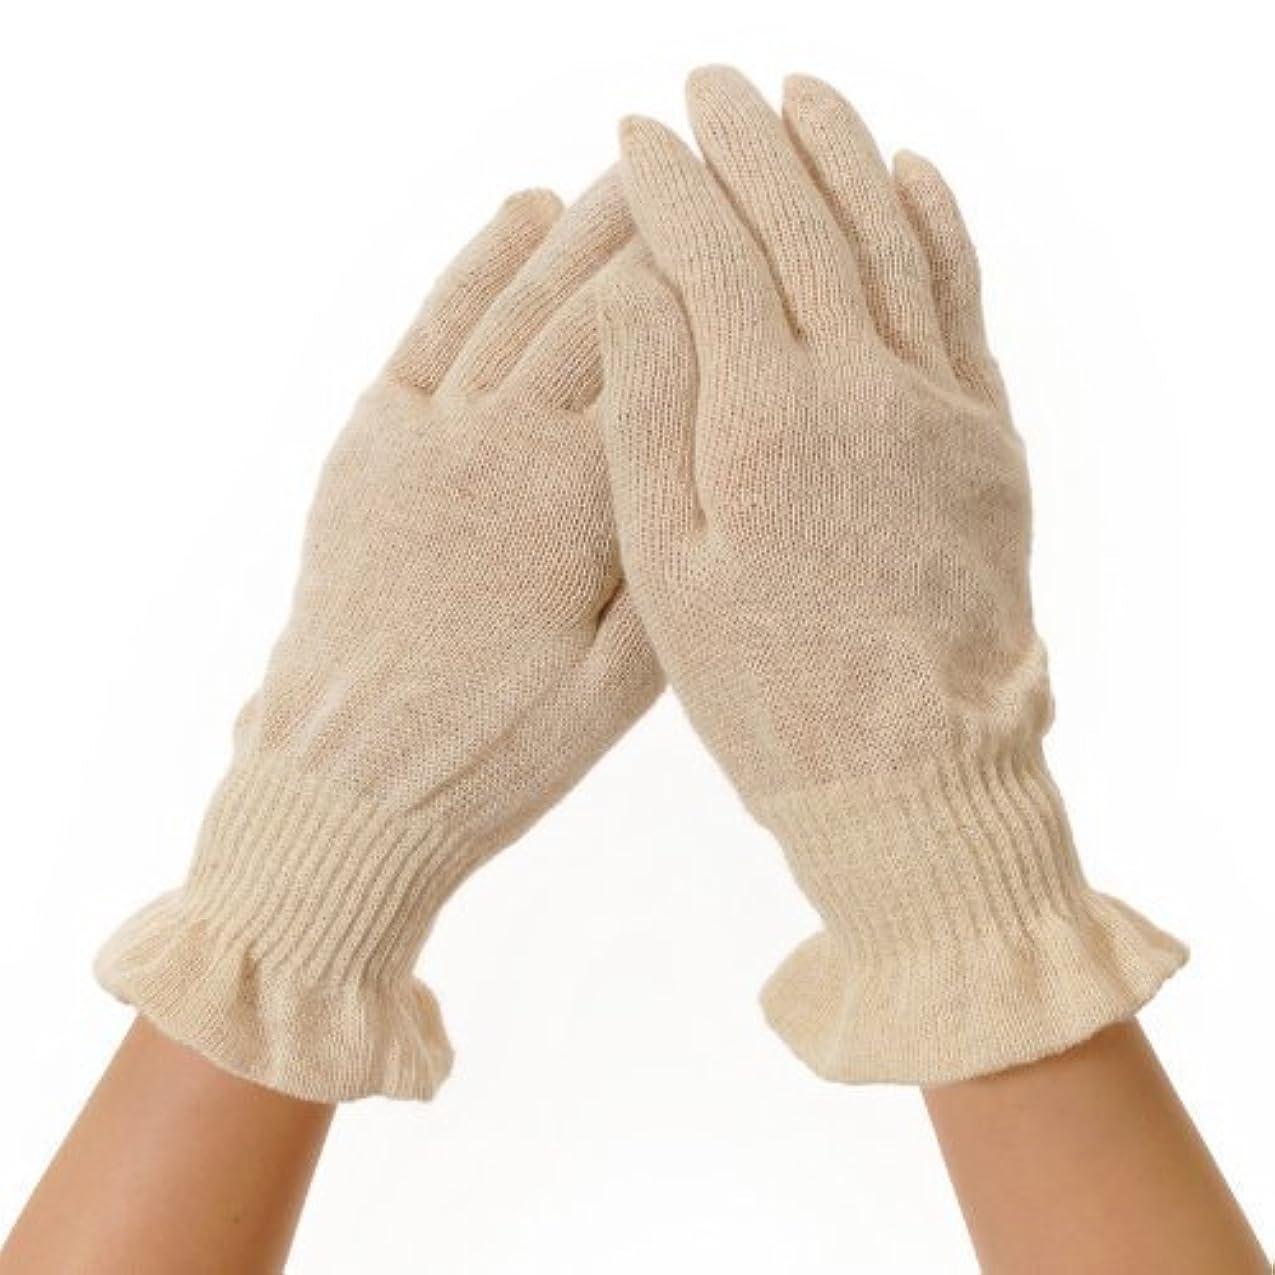 私団結スキニー麻福 就寝用 手袋 [寝ている間に保湿で手荒れケア おやすみ手袋] 麻福特製ヘンプ糸 R レギュラーサイズ (女性ゆったり/男性ジャストフィット) きなり色 手荒れ予防